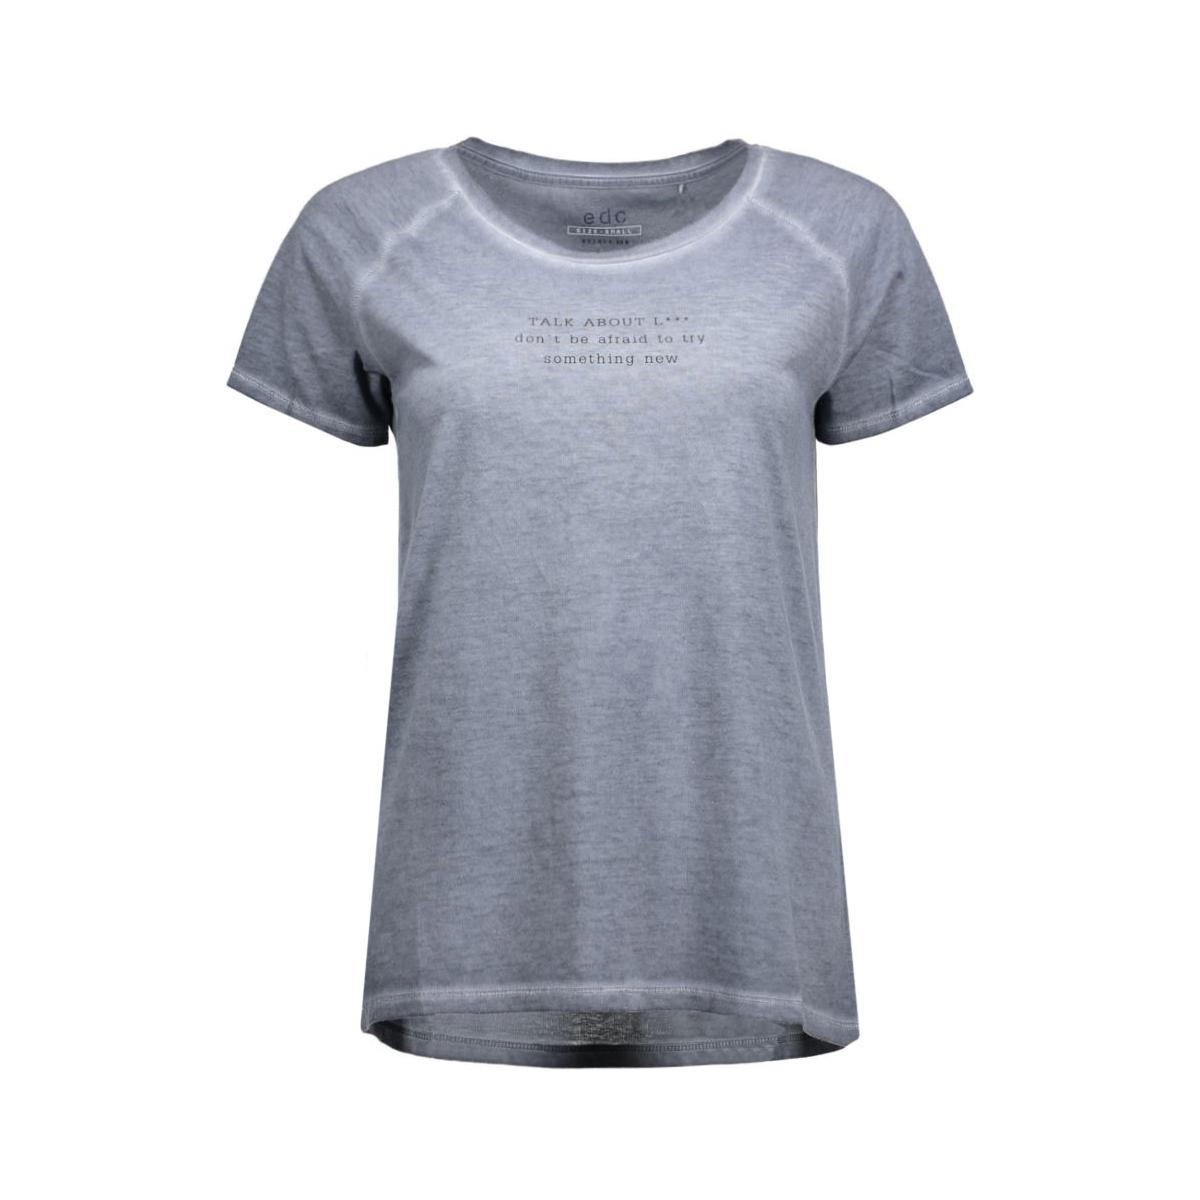 086cc1k060 edc t-shirt c020